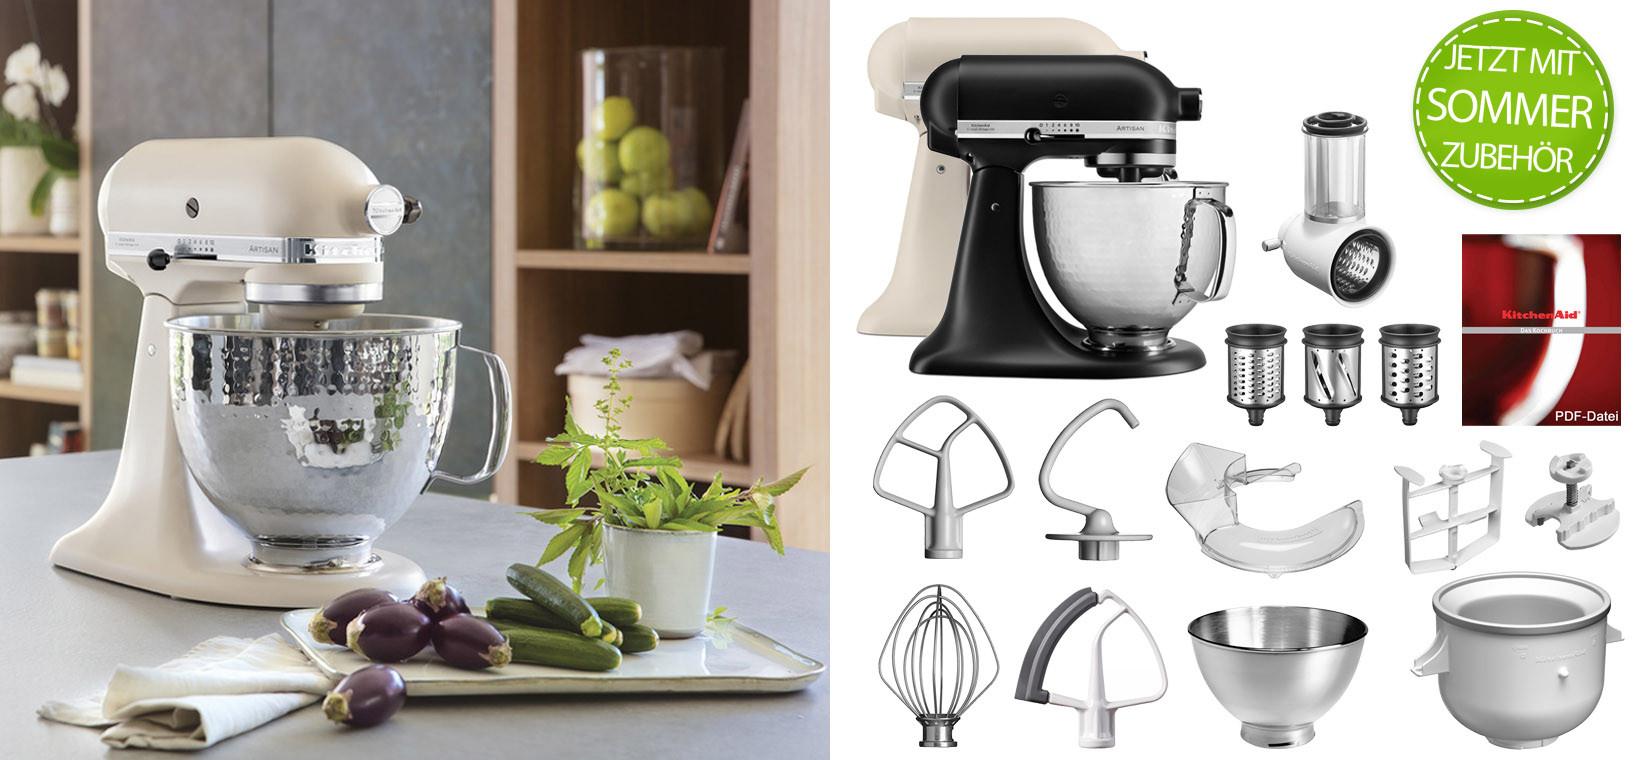 Artisan Küchenmaschine 5KSM156HMEFL mattes Leinen mit 5KSMVSA